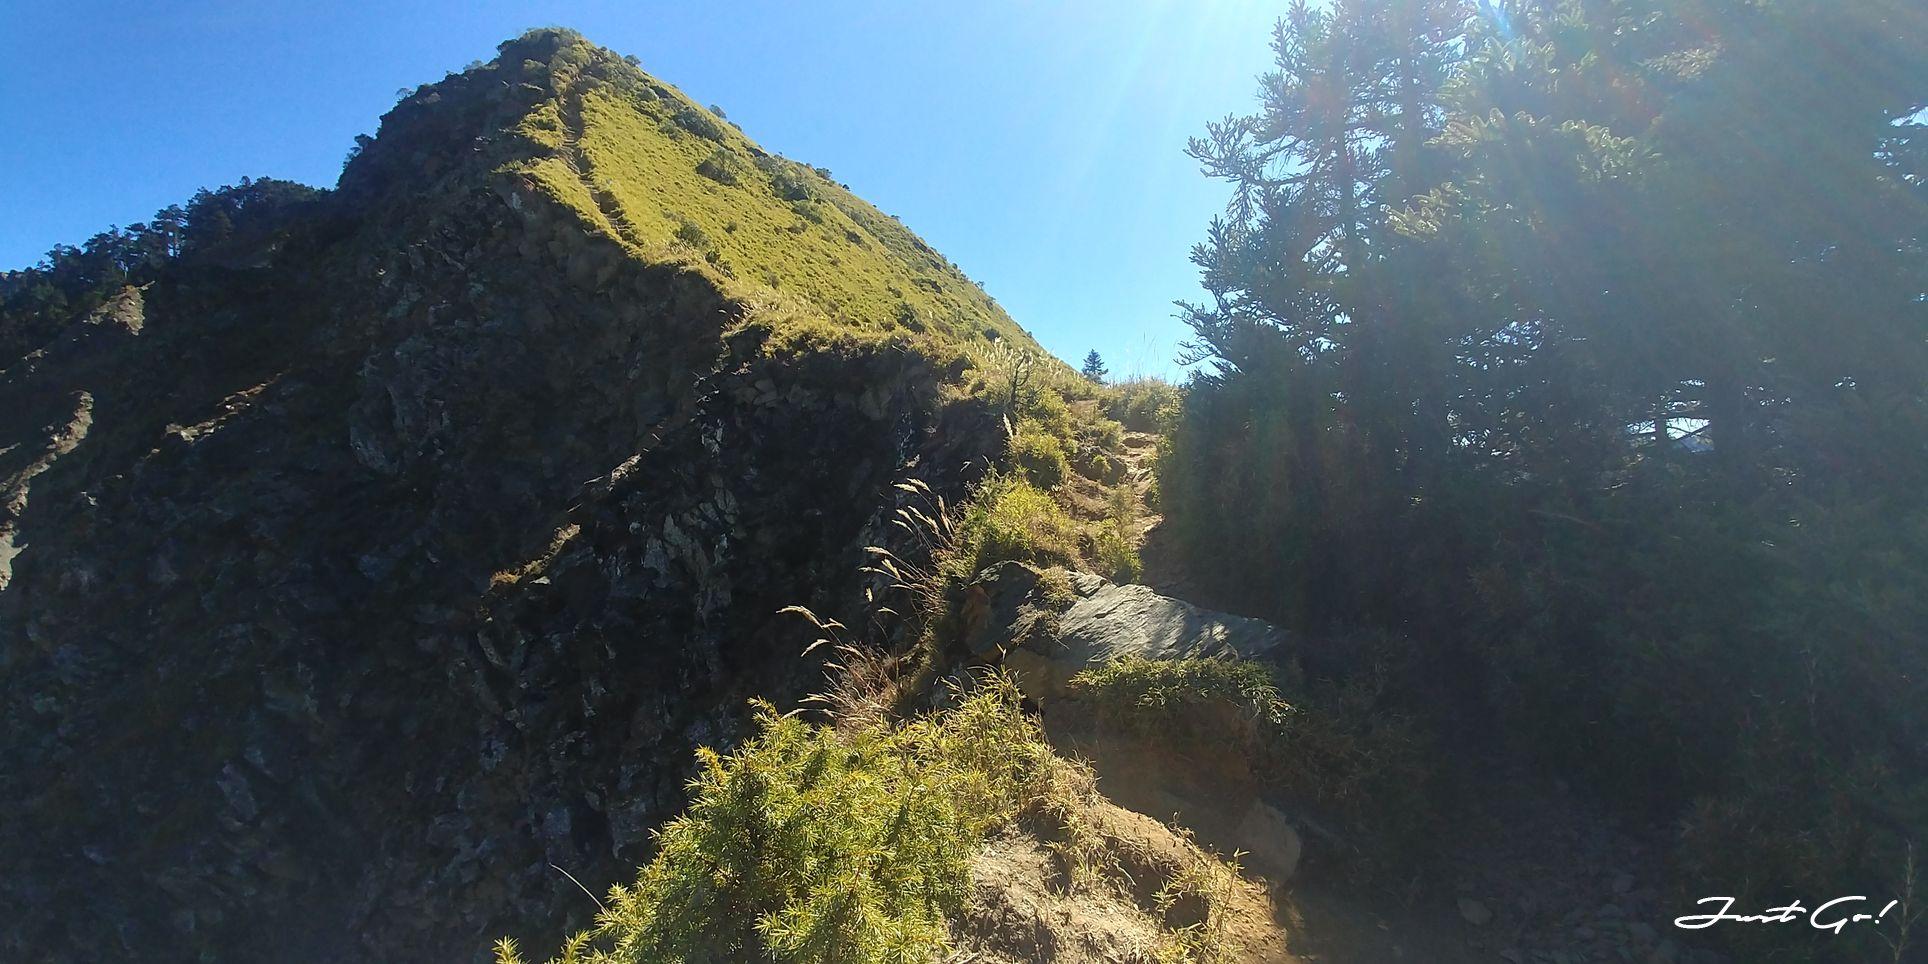 一日百岳·9小時單攻合歡西峰北峰-地圖gpx、行程規劃、申請、登山口27